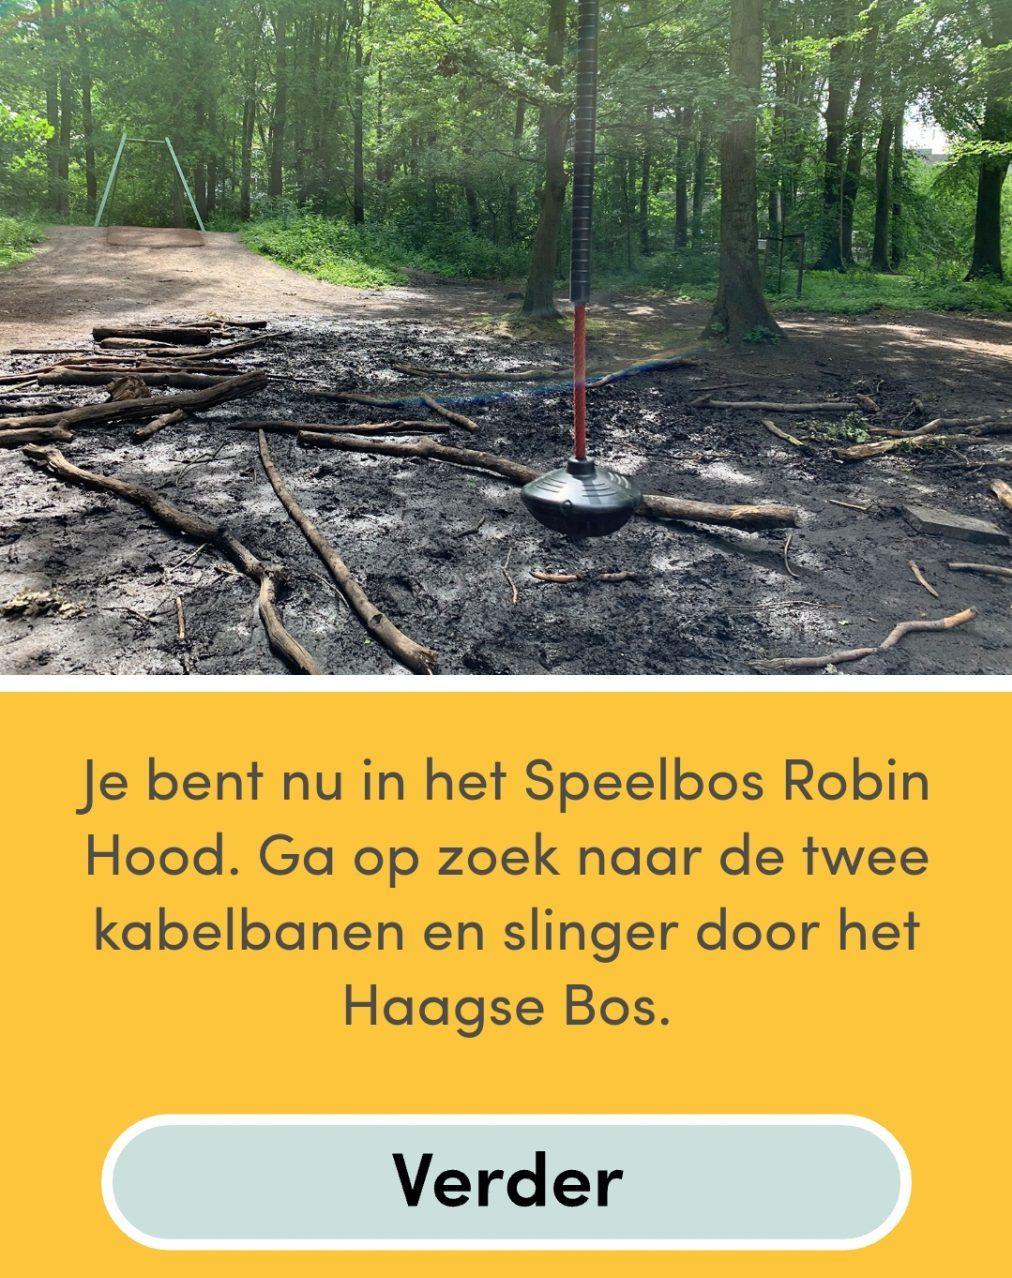 Haagse Bos app